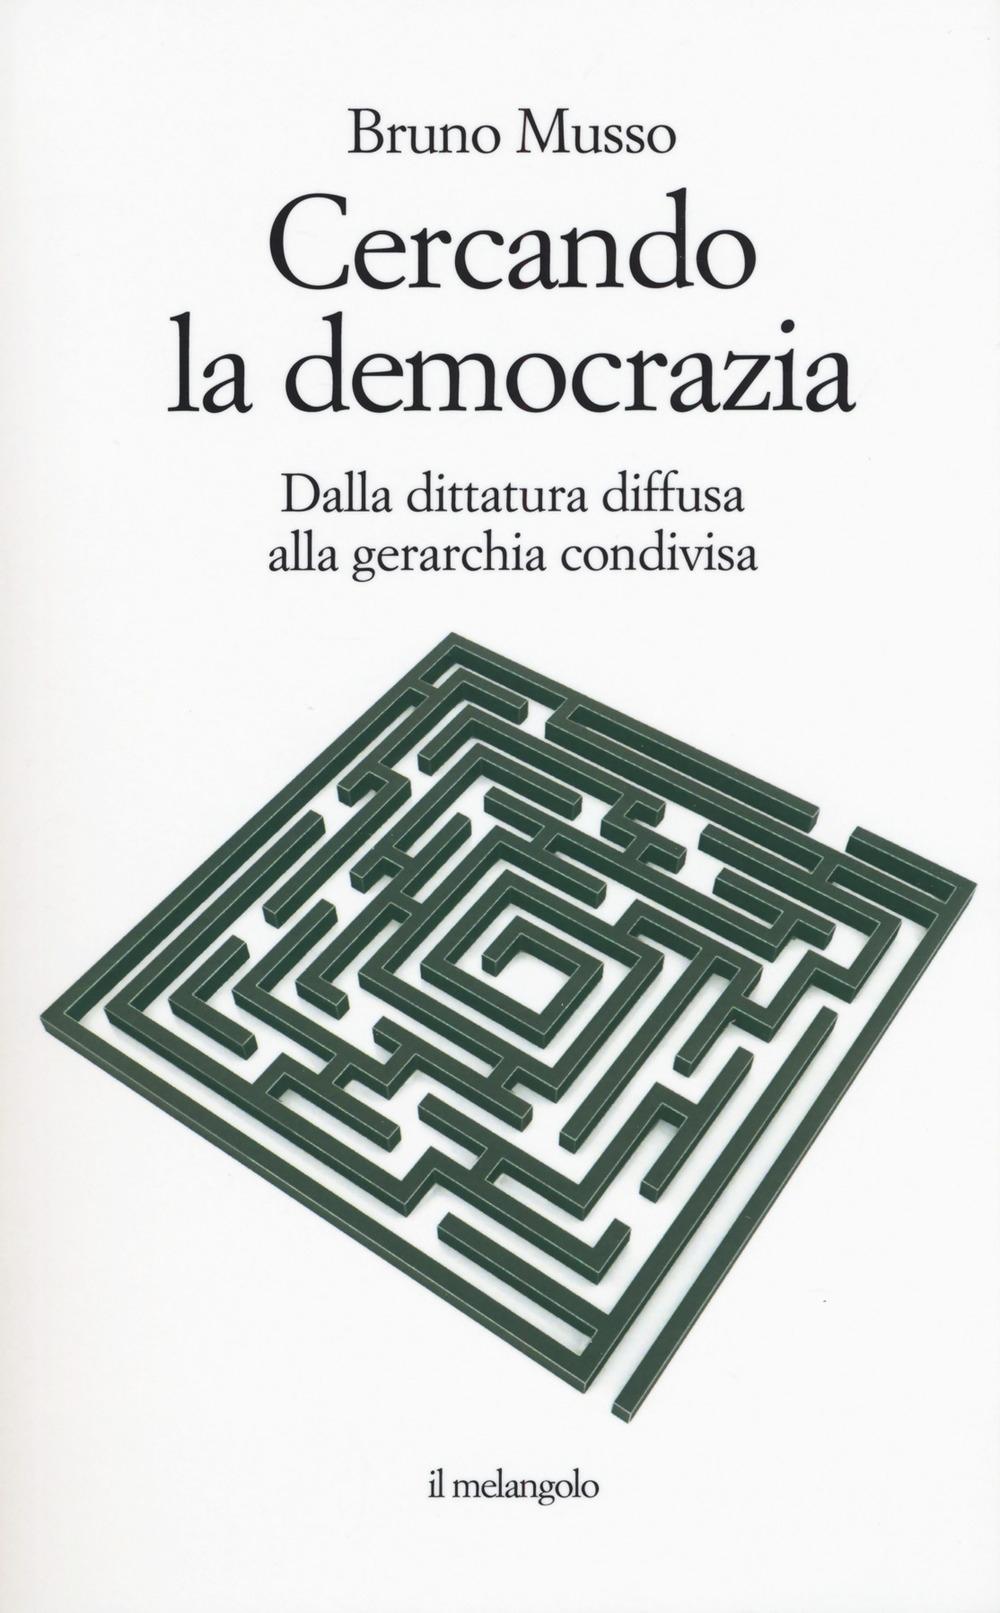 Cercando la democrazia. Dalla dittatura diffusa alla gerarchia condivisa